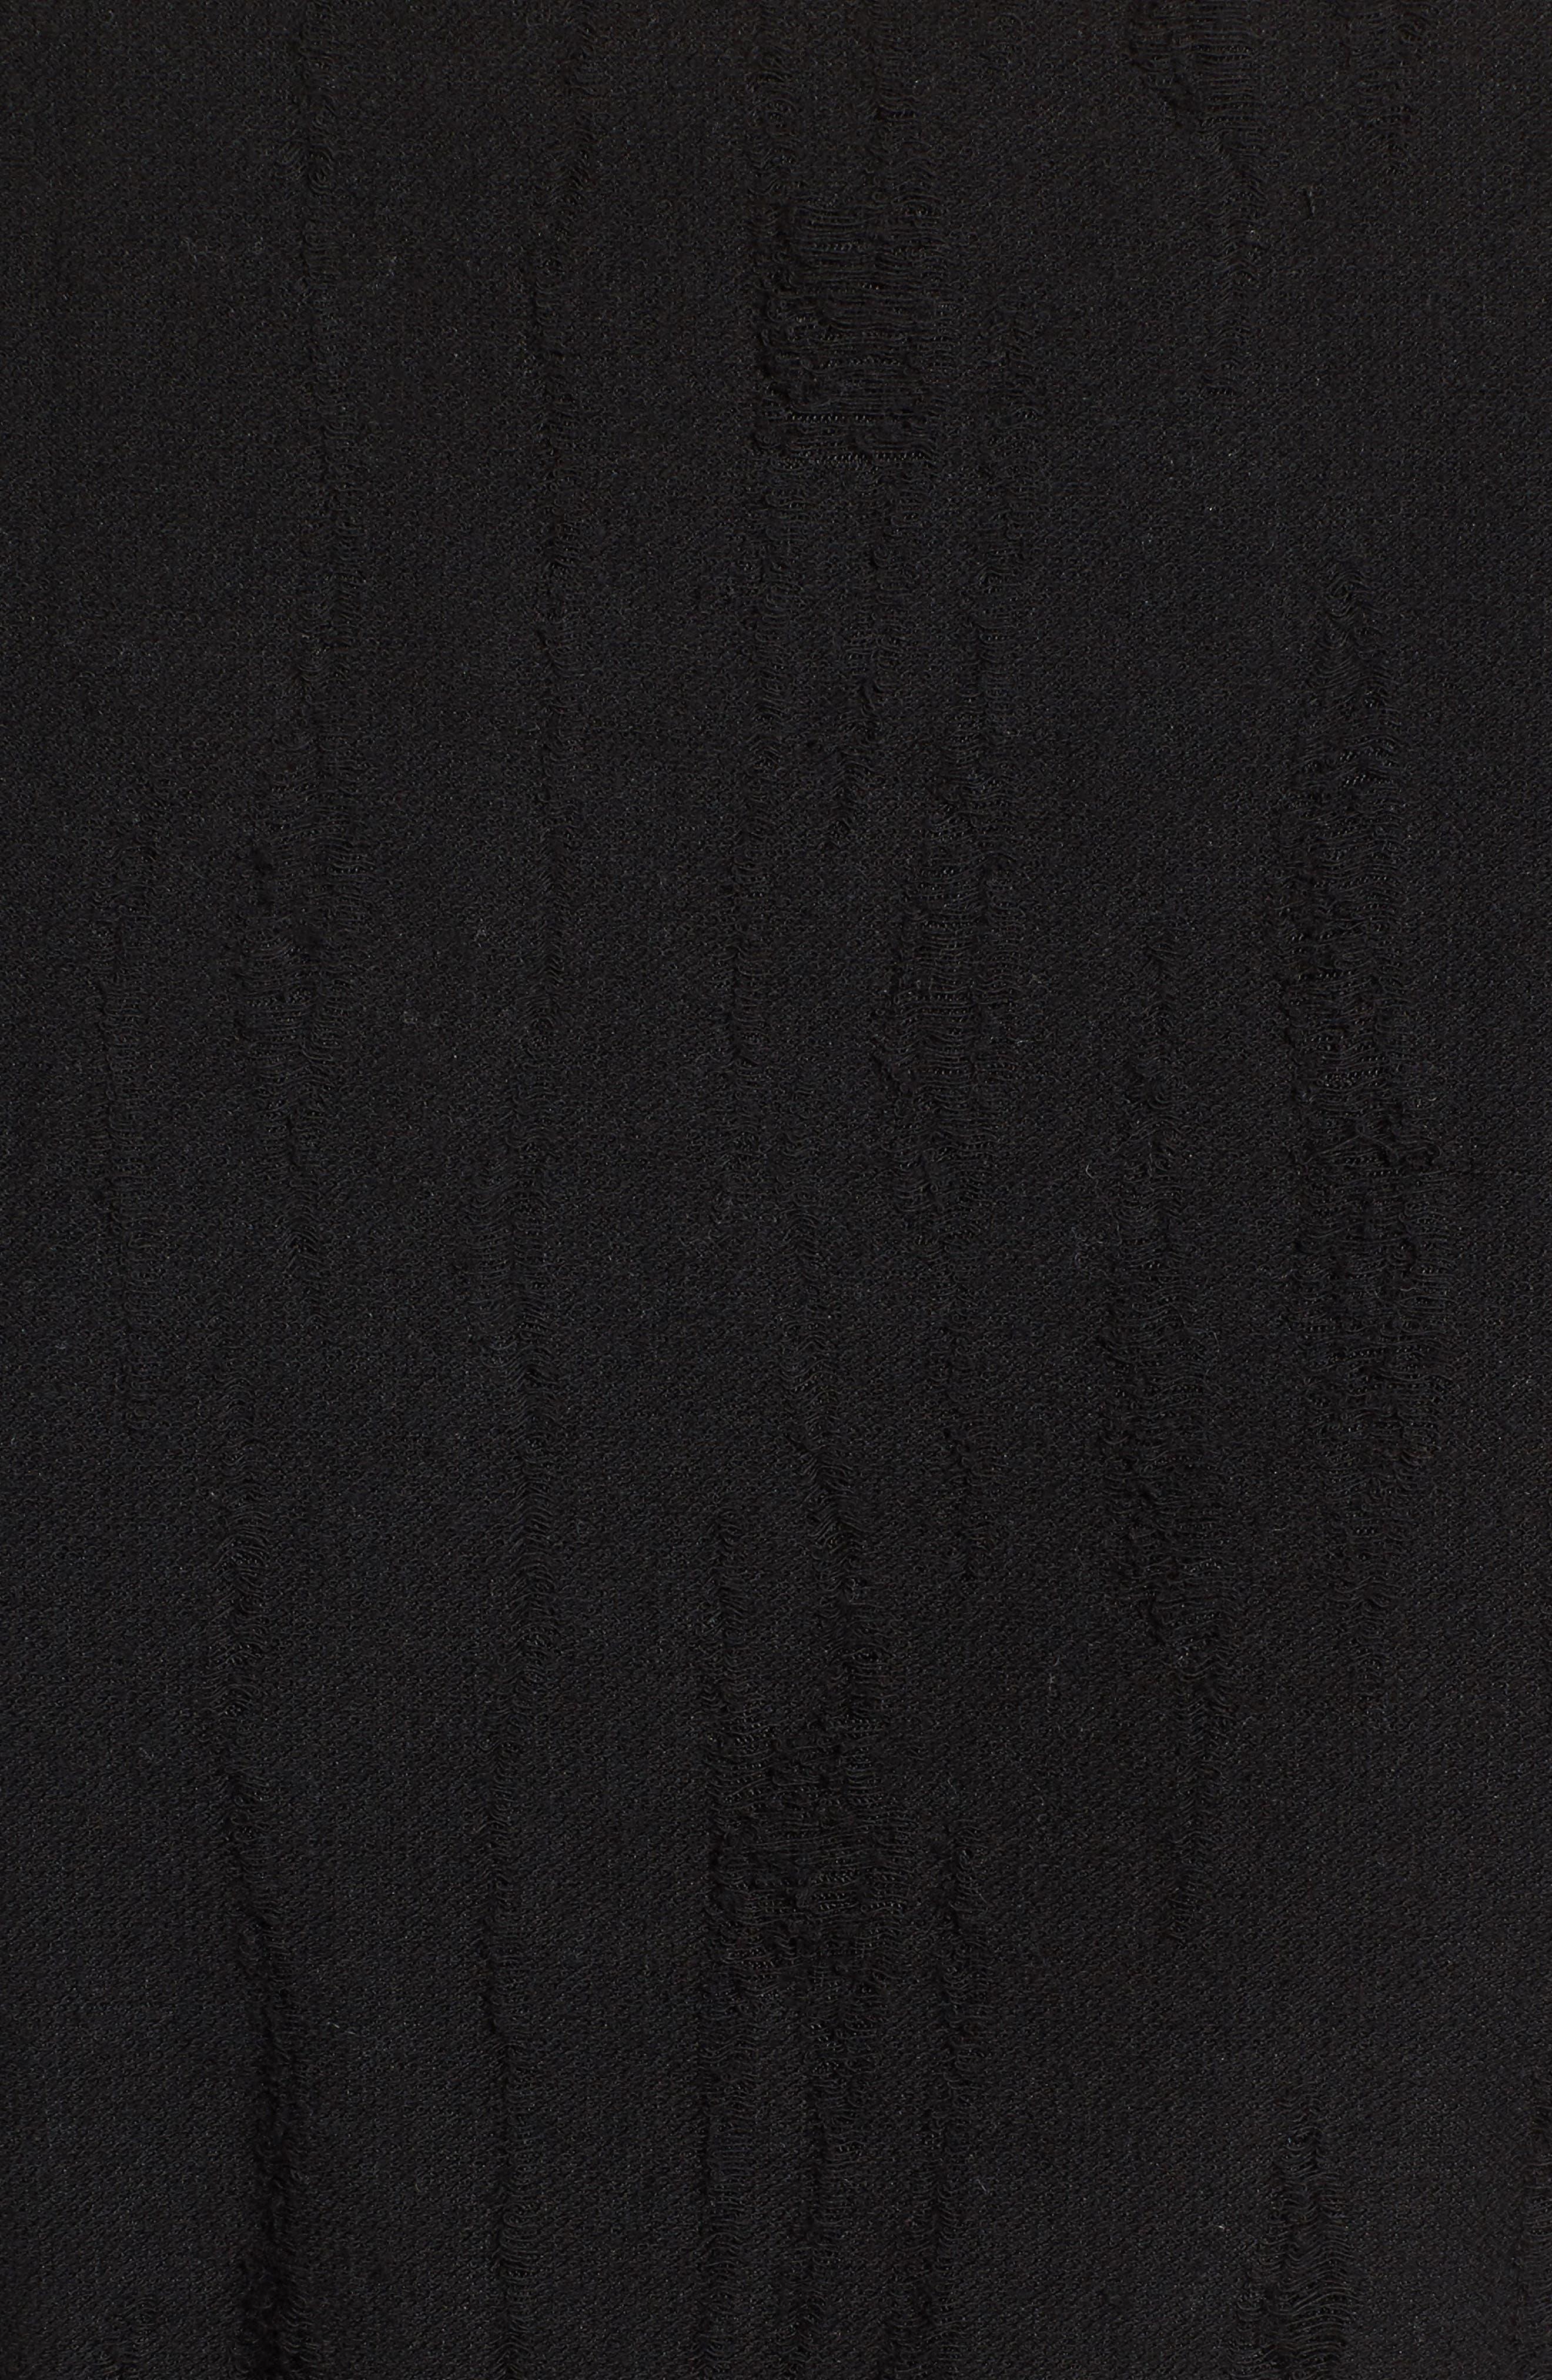 Ruffle Edge Dress,                             Alternate thumbnail 5, color,                             Black